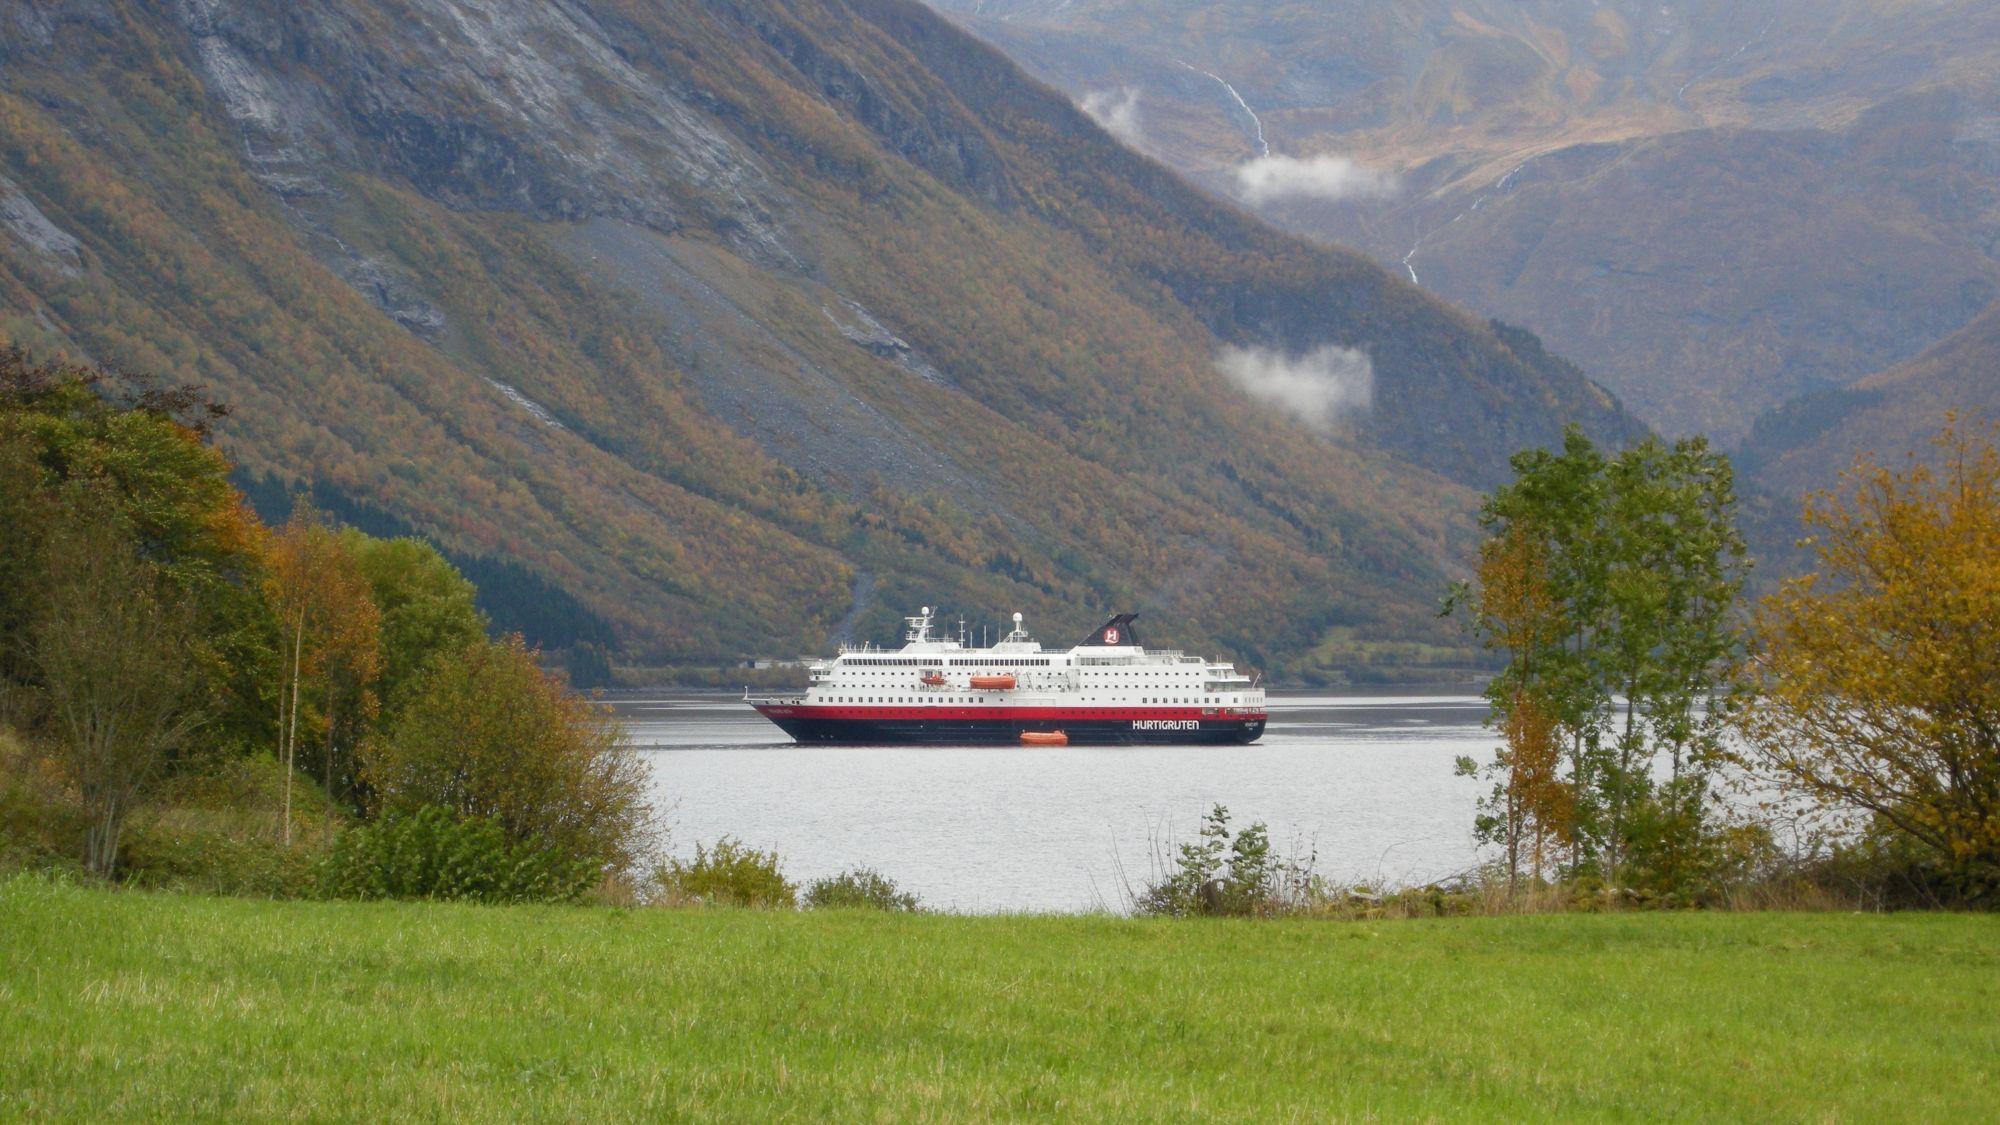 Hurtigrutenschiff im Hjørundfjord